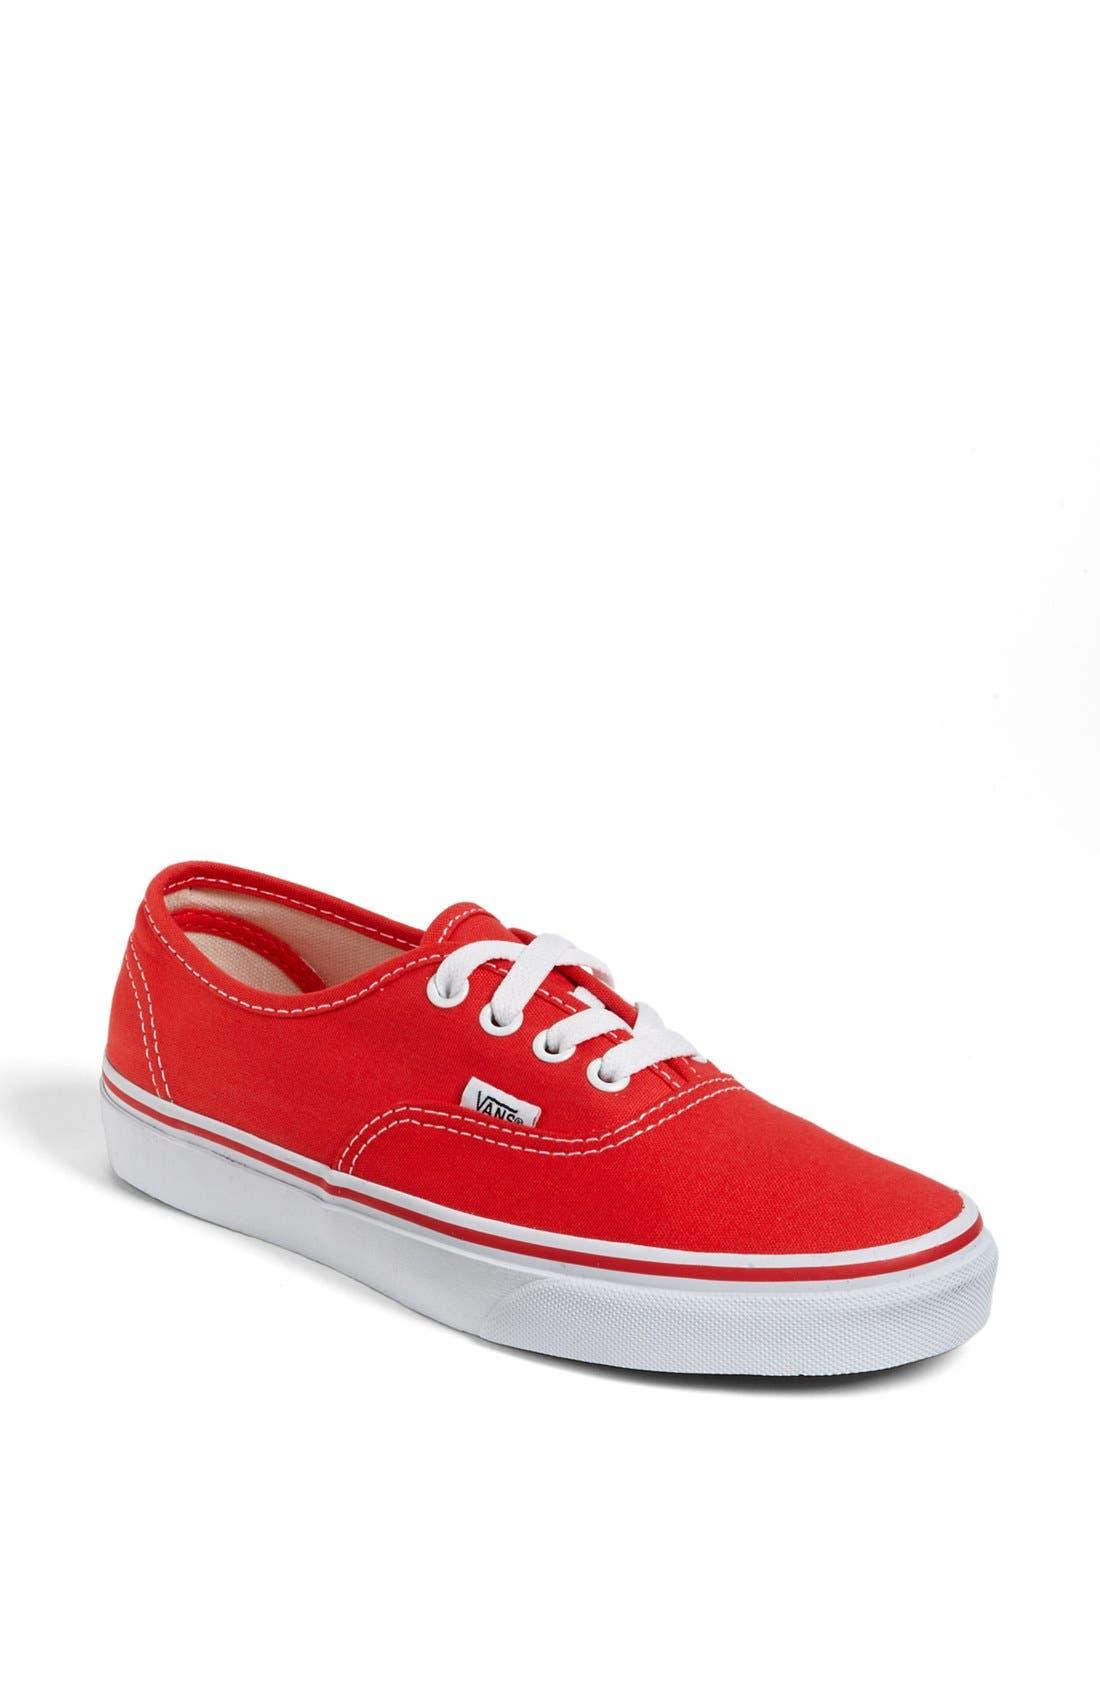 Main Image - Vans 'Authentic' Sneaker (Women)